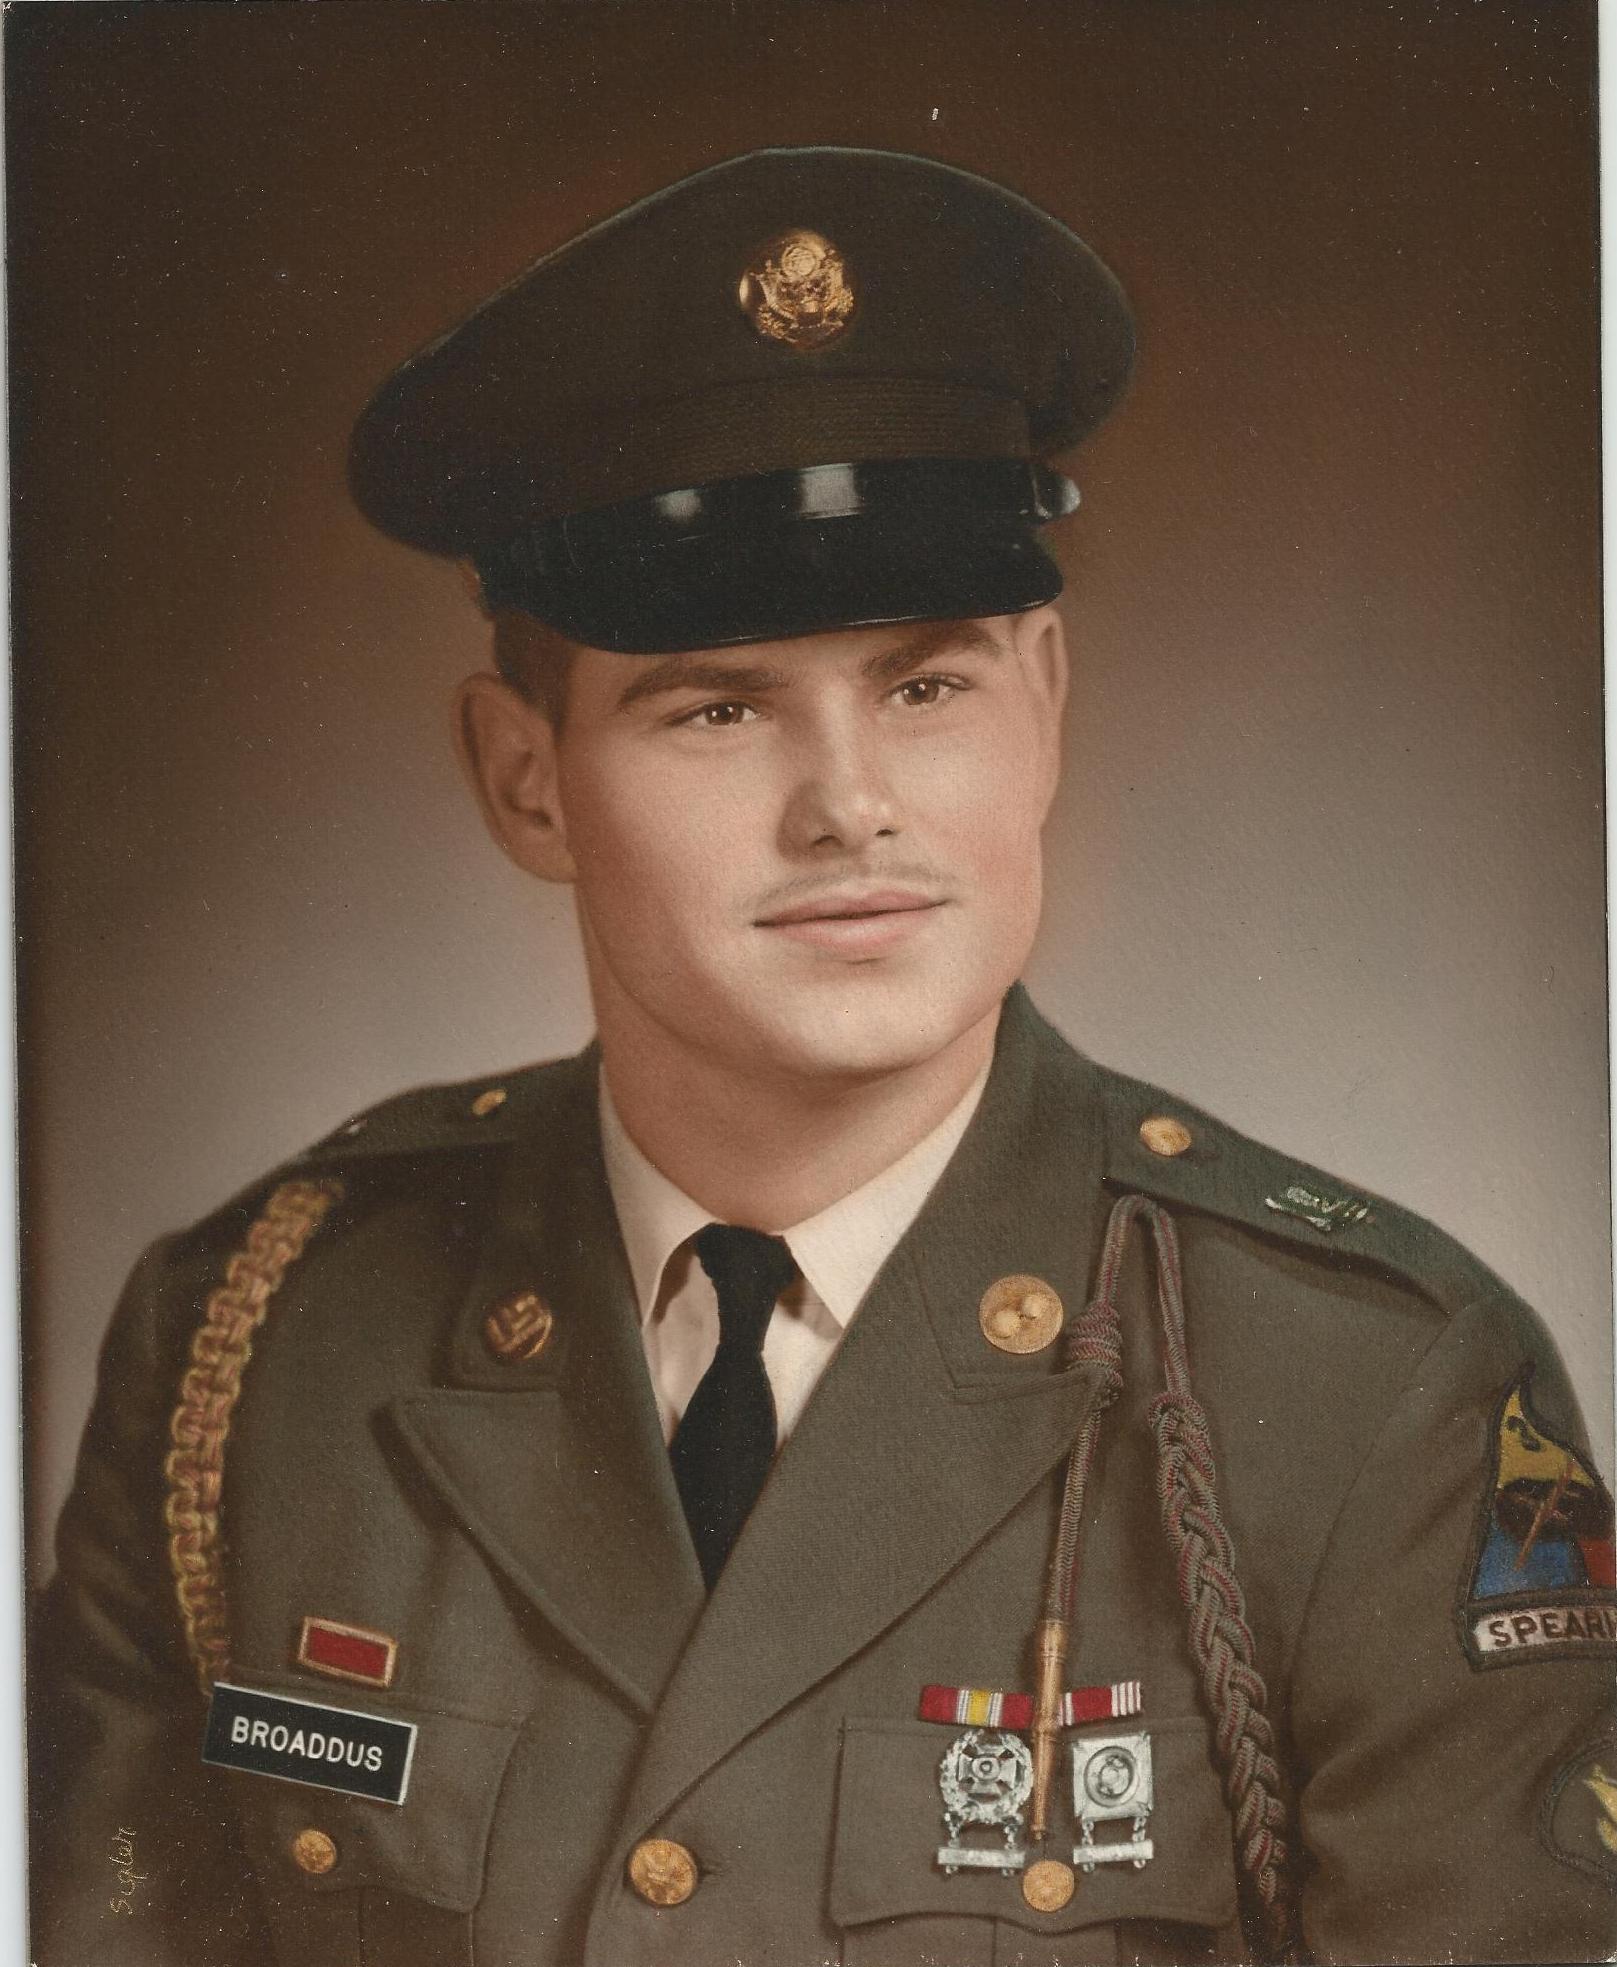 Sgt. Ronald Broaddus